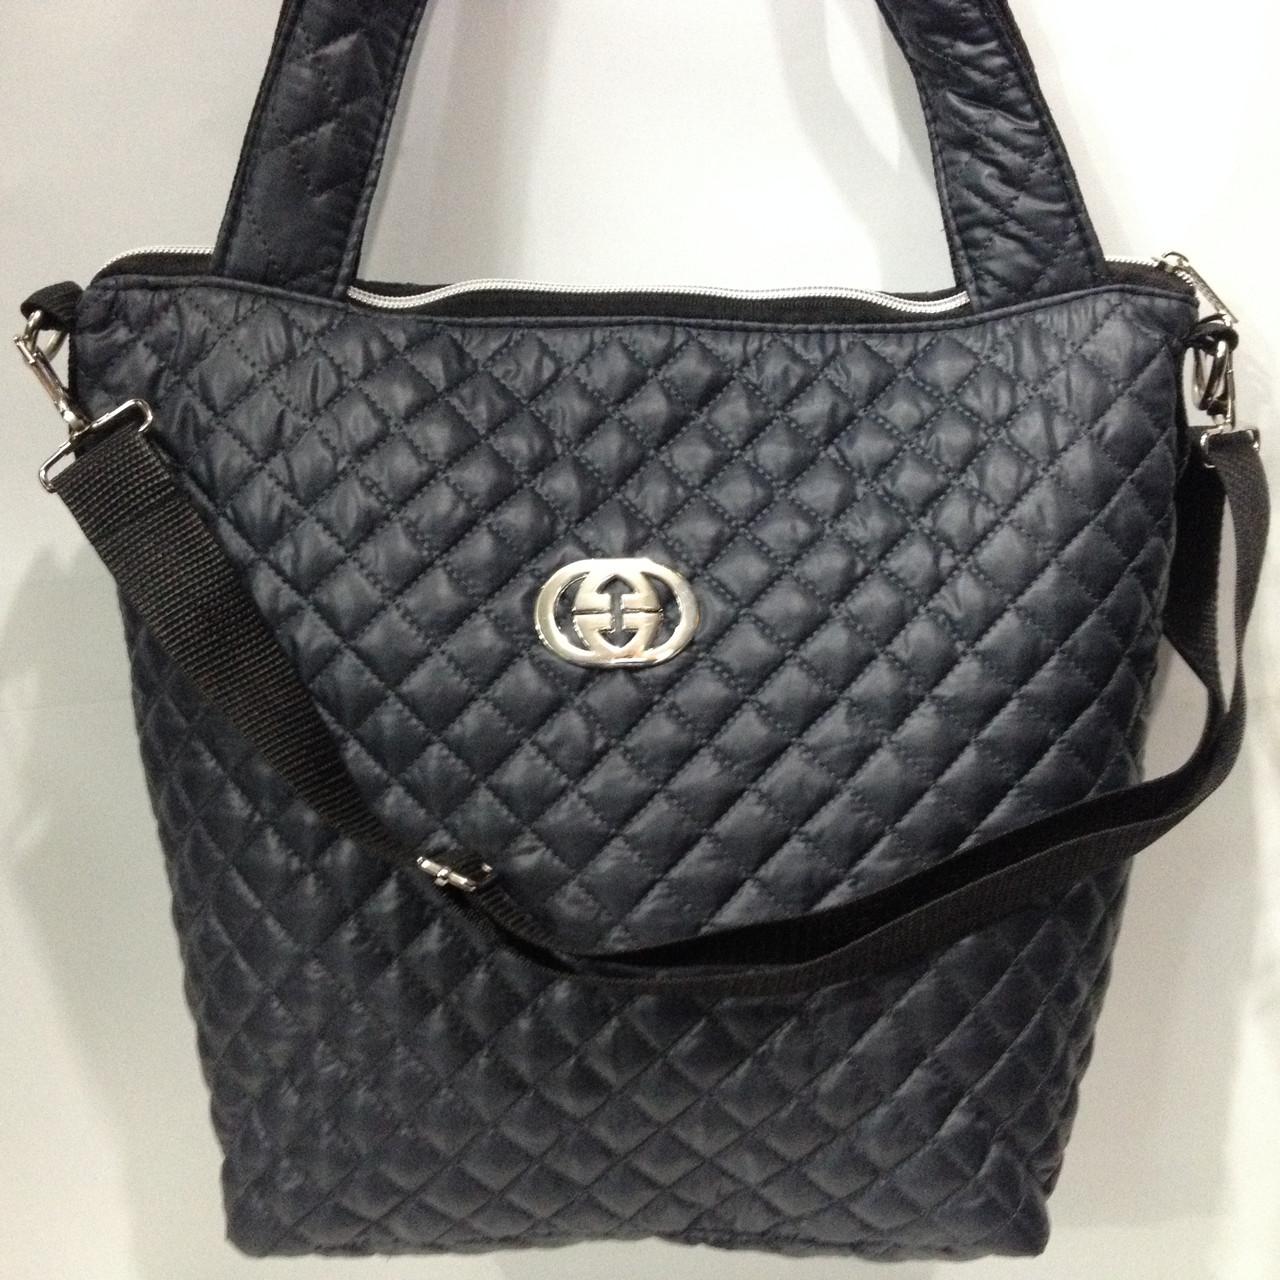 b0ac1fe28a70 Сумки Стеганые Chanel (Шанель)   женщины диагональный пакет  женская  синглов сумка